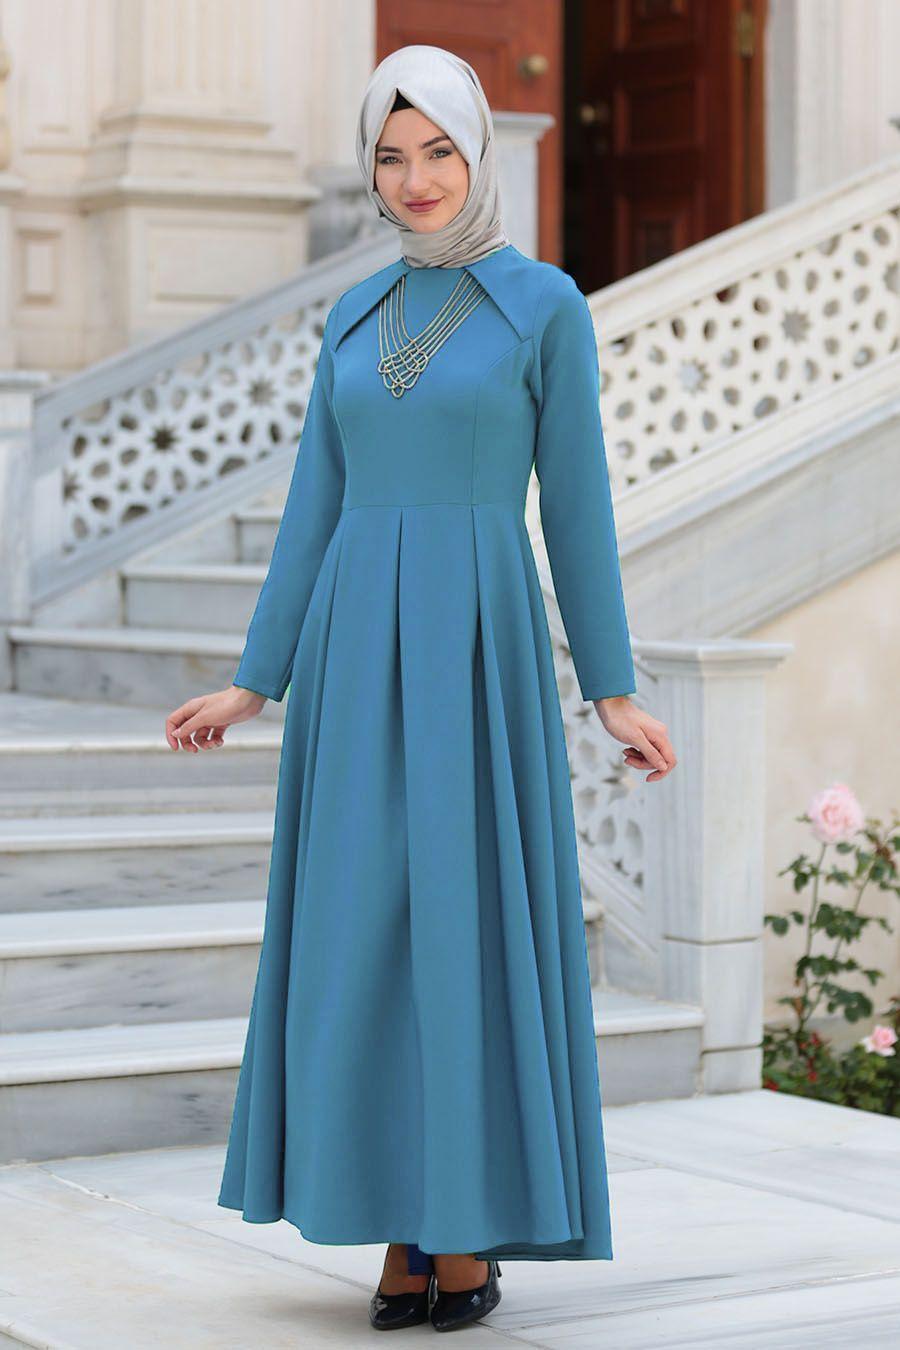 Neva Style Kolye Detayli Mavi Tesettur Abiye Elbise 41470m Tesetturisland Com The Dress Elbise Elbise Modelleri